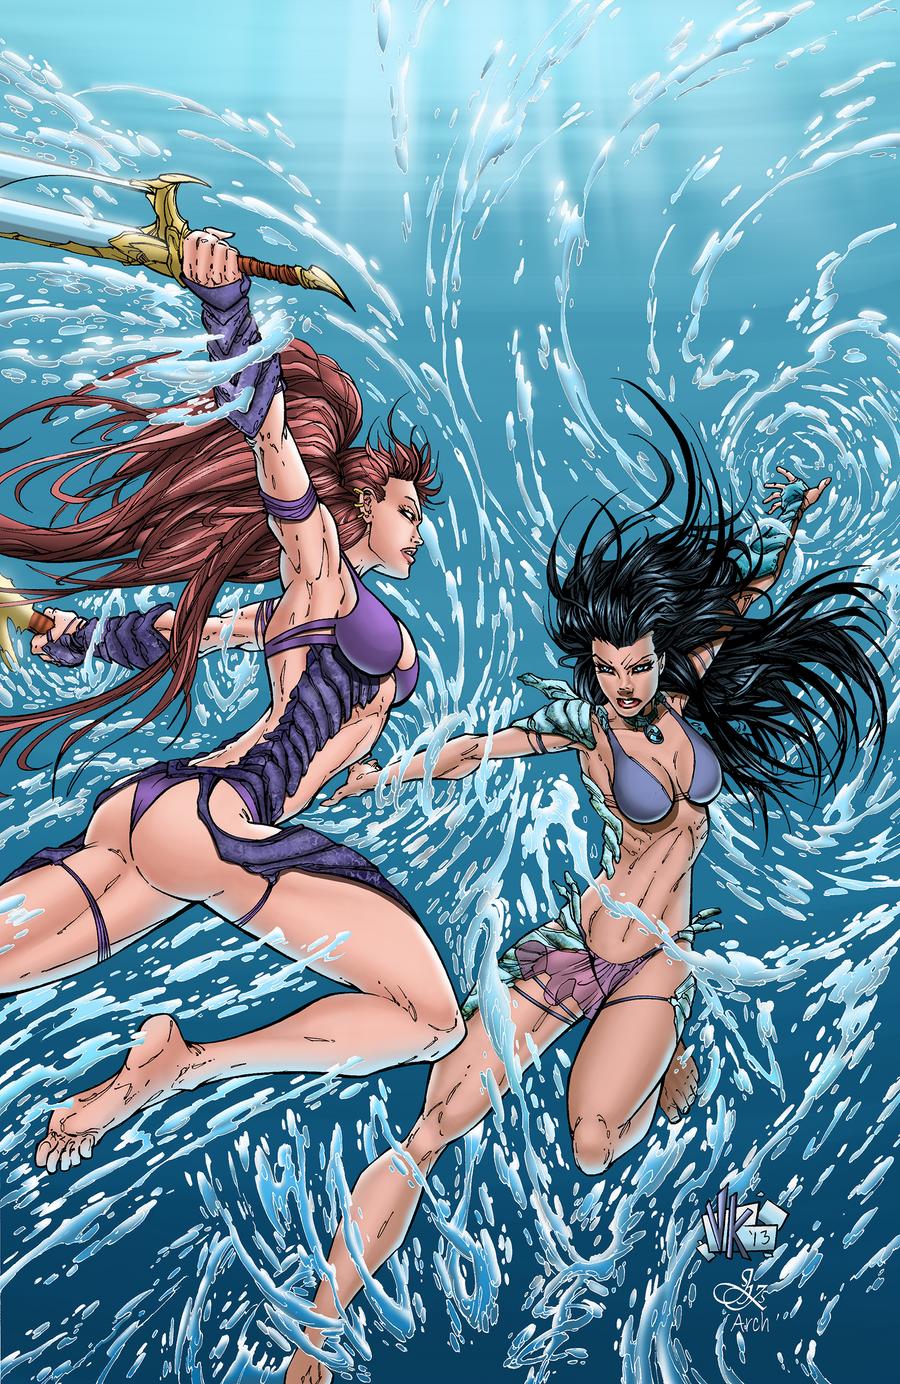 aspen comics wallpaper - photo #18